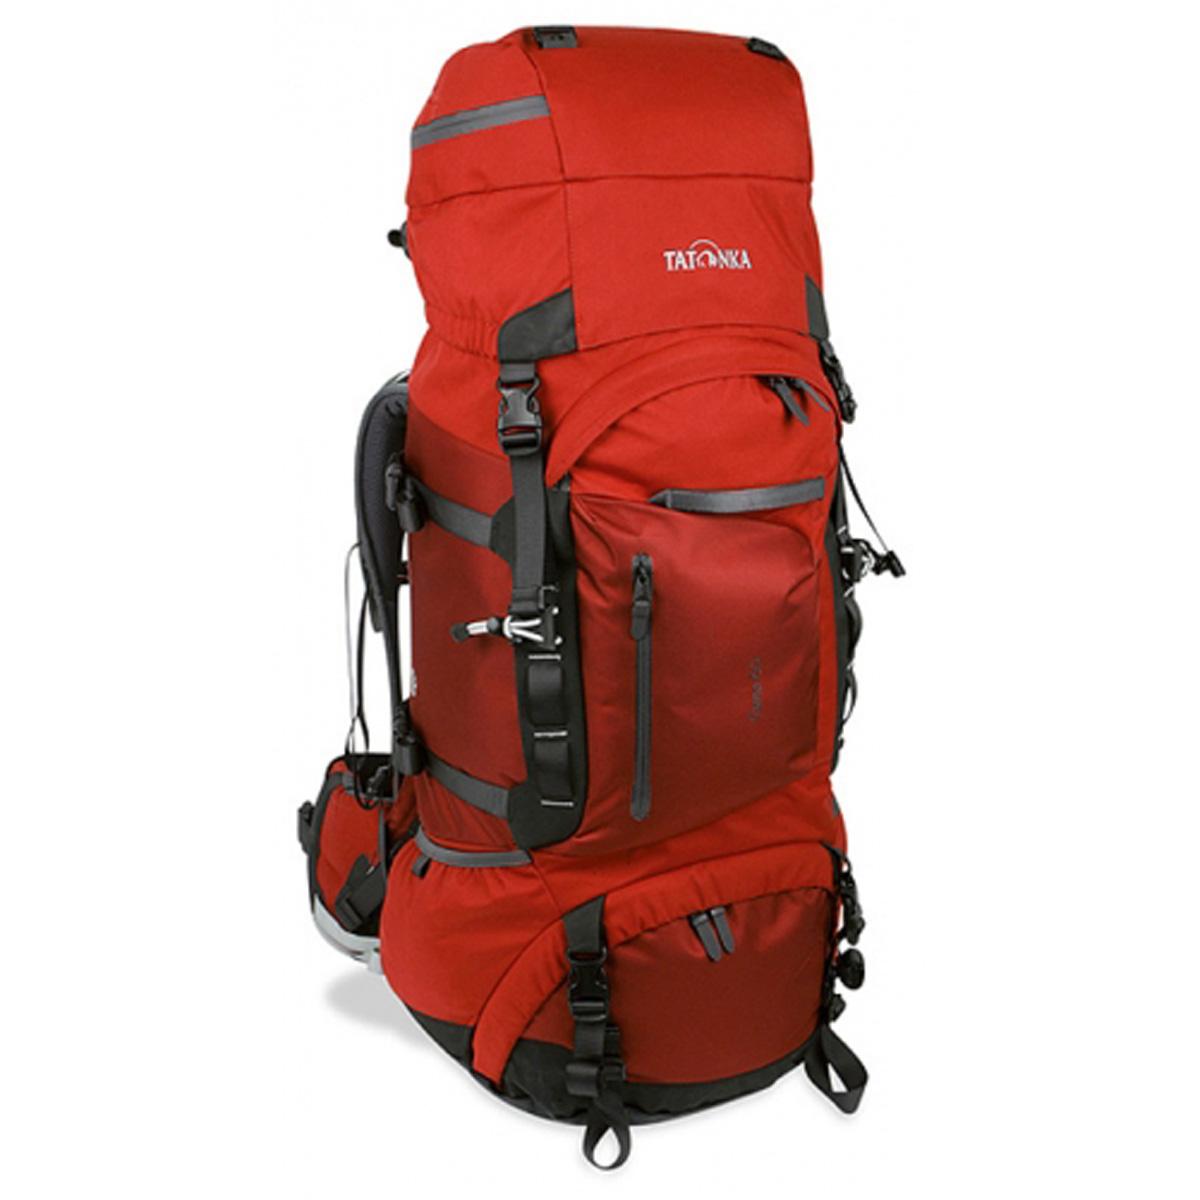 Рюкзак Tatonka Tana 60 salsa 1424.088Женская топ-модель рюкзака для переноски тяжелых грузов. Разработана на основе легендарного Bison 90 и в плане оснащения ни в чем ему не уступает. Система подвески Х-1 с регулируемой длиной спинки, мягкие анатомические плечевые и поясной ремни отлично распределяют нагрузку и значительно облегчают процесс.<br><br><br>Система подвески Х-1.<br><br>Мягкие анатомические плечевые ремни.<br><br>Регулируемая по высоте крышка-клапан с петлями.<br><br>Большой накладной карман на молнии.<br><br>Доступ в нижнее отделение на молнии.<br><br>Передний карман на молнии Thermo Fusion.<br><br>Боковые карманы, с одной стороны на молнии.<br><br>Мягкий регулируемый поясной ремень.<br><br>Ручки для переноски.<br><br>Крепления для палок или ледоруба.<br><br>Боковые стяжки.<br><br>Отделение для аптечки.<br><br>Держатель для ключей.<br><br>Дождевой чехол.<br><br>Дамский логотип.<br><br>Вес кг: 3.50000000